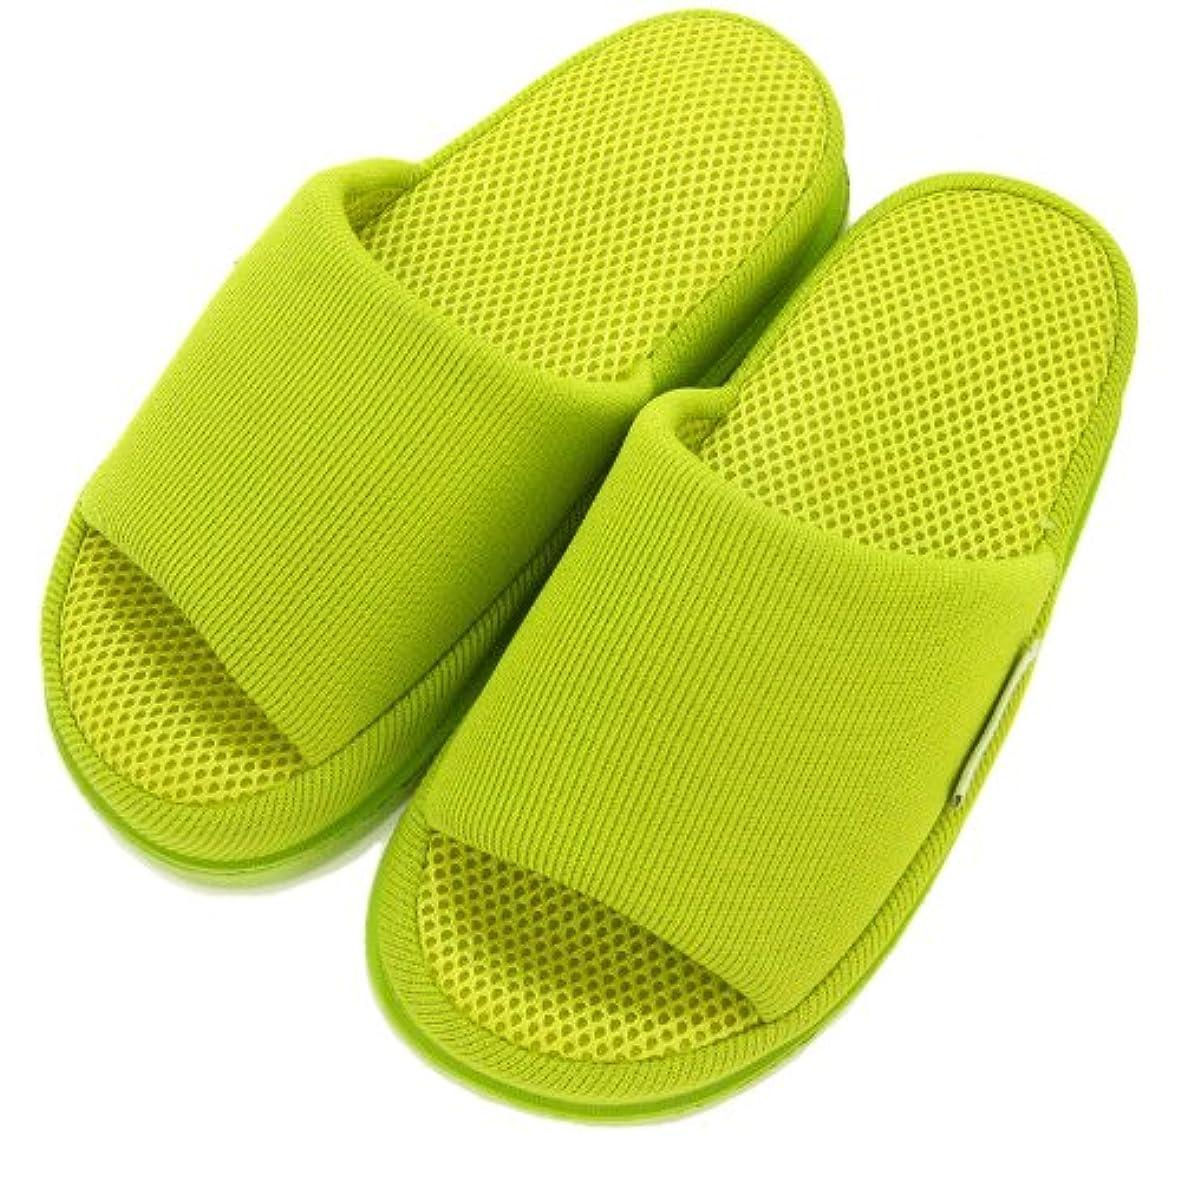 足で癒す リフレクソロジースリッパ リフレ かかと ライトグリーン M